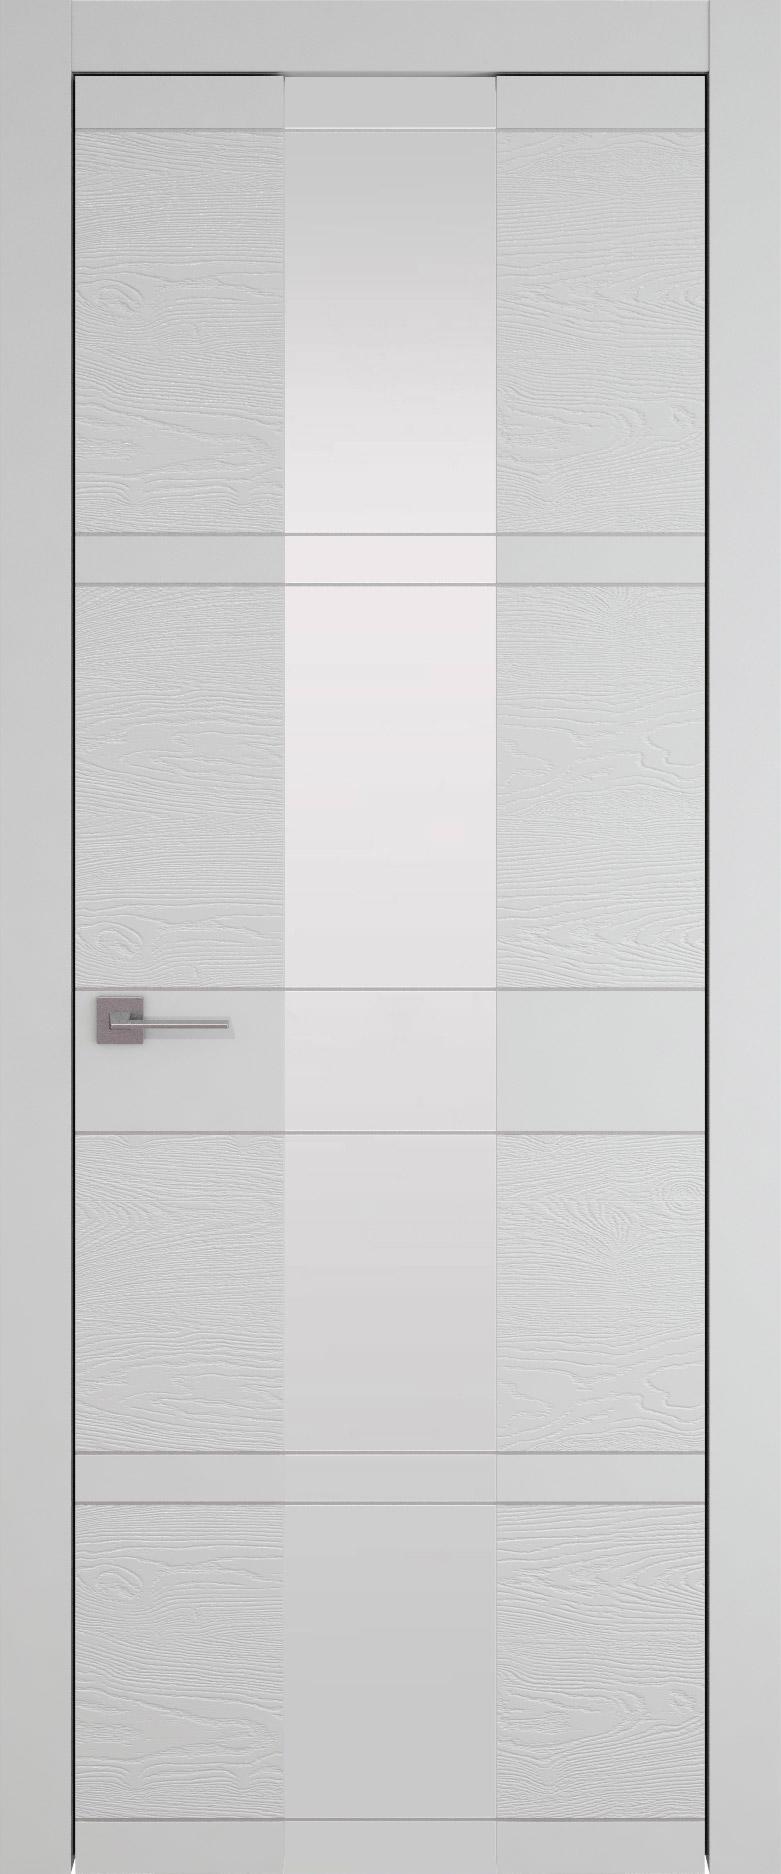 Tivoli Ж-2 цвет - Серая эмаль-эмаль по шпону (RAL 7047) Со стеклом (ДО)